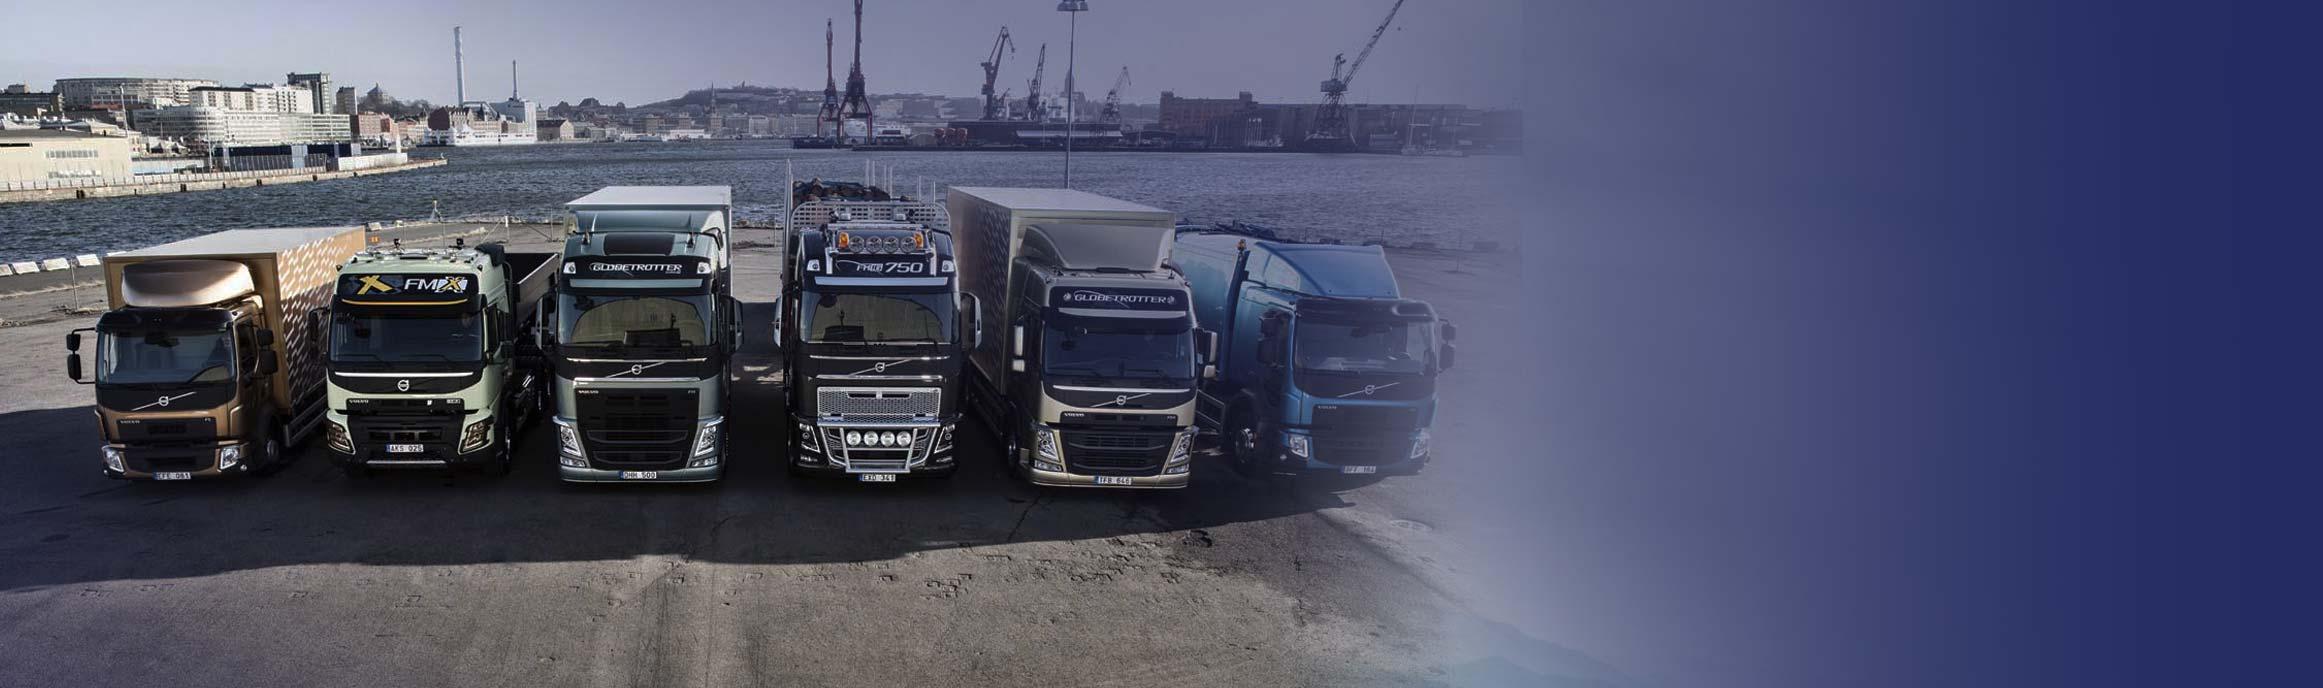 Volvo Trucks huidige modellen